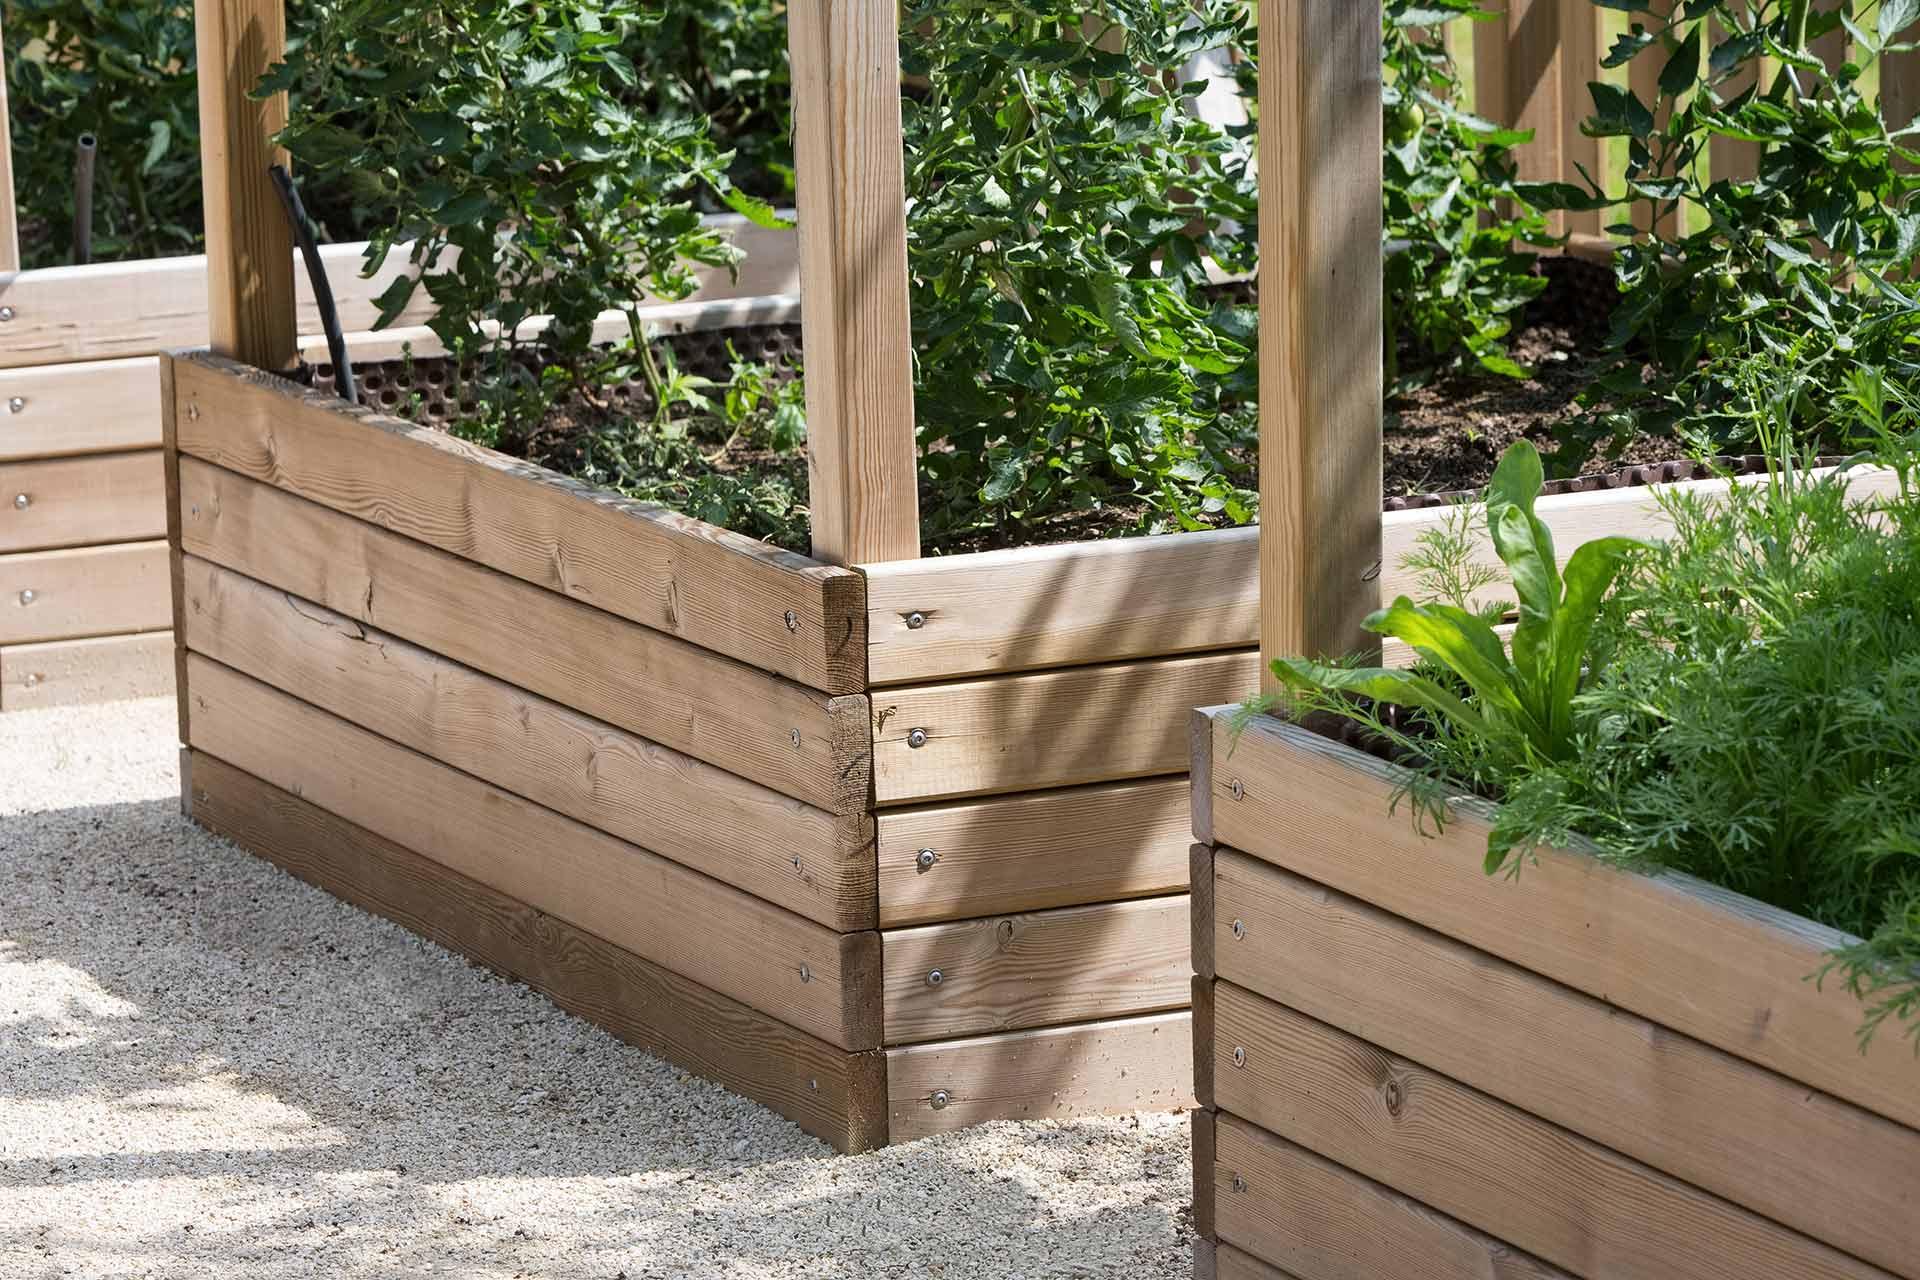 Si vous recherchez un professionnel pour effectuer votre aménagement paysager, contactez Serrault Jardins dans le 37 en Indre et Loire.